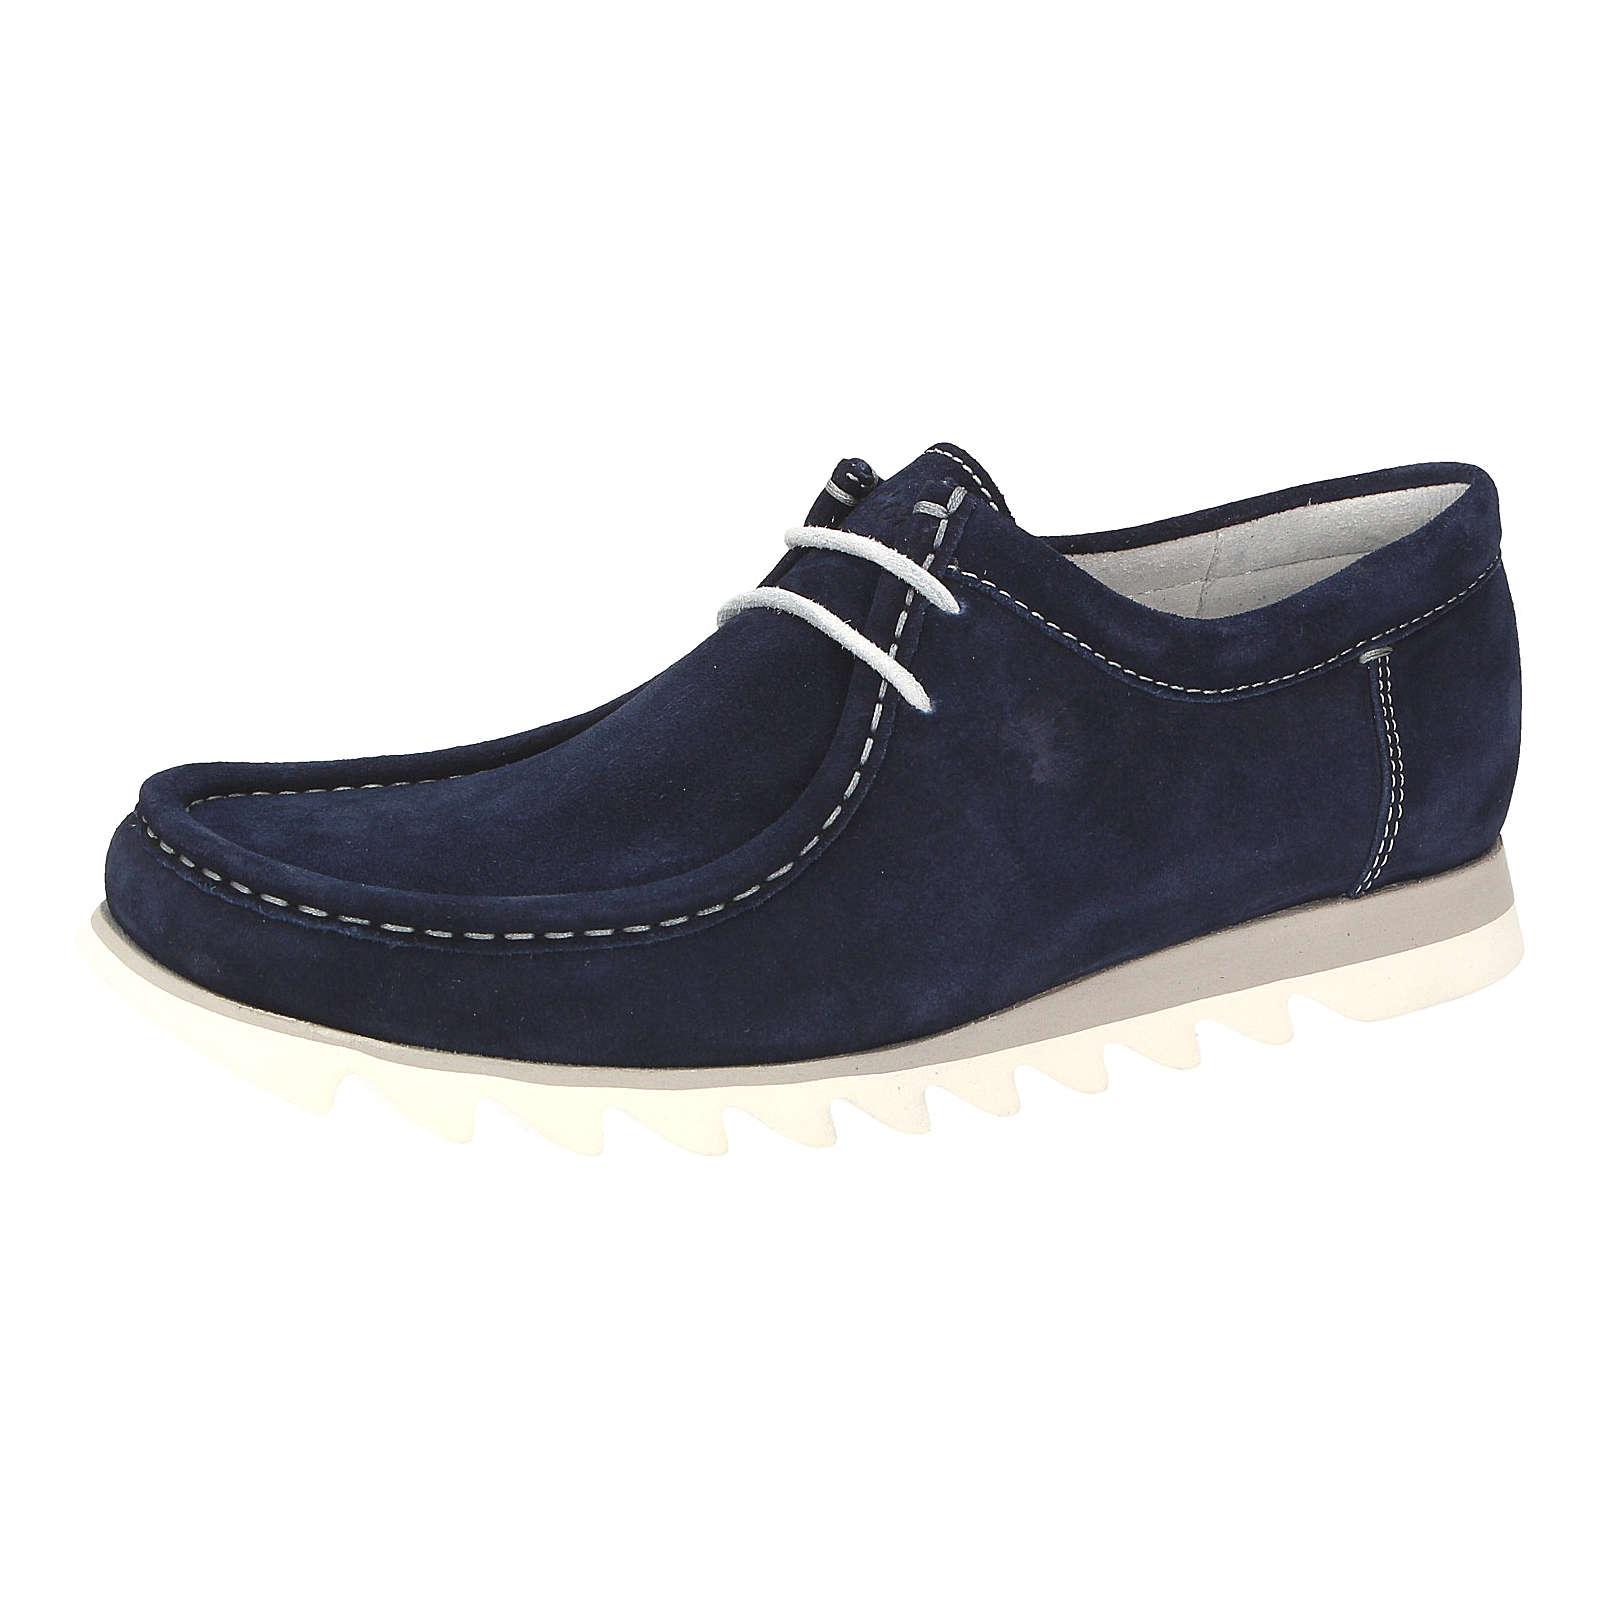 Sioux Grashopper-H-NG-VL Freizeit Schuhe blau Herren Gr. 45